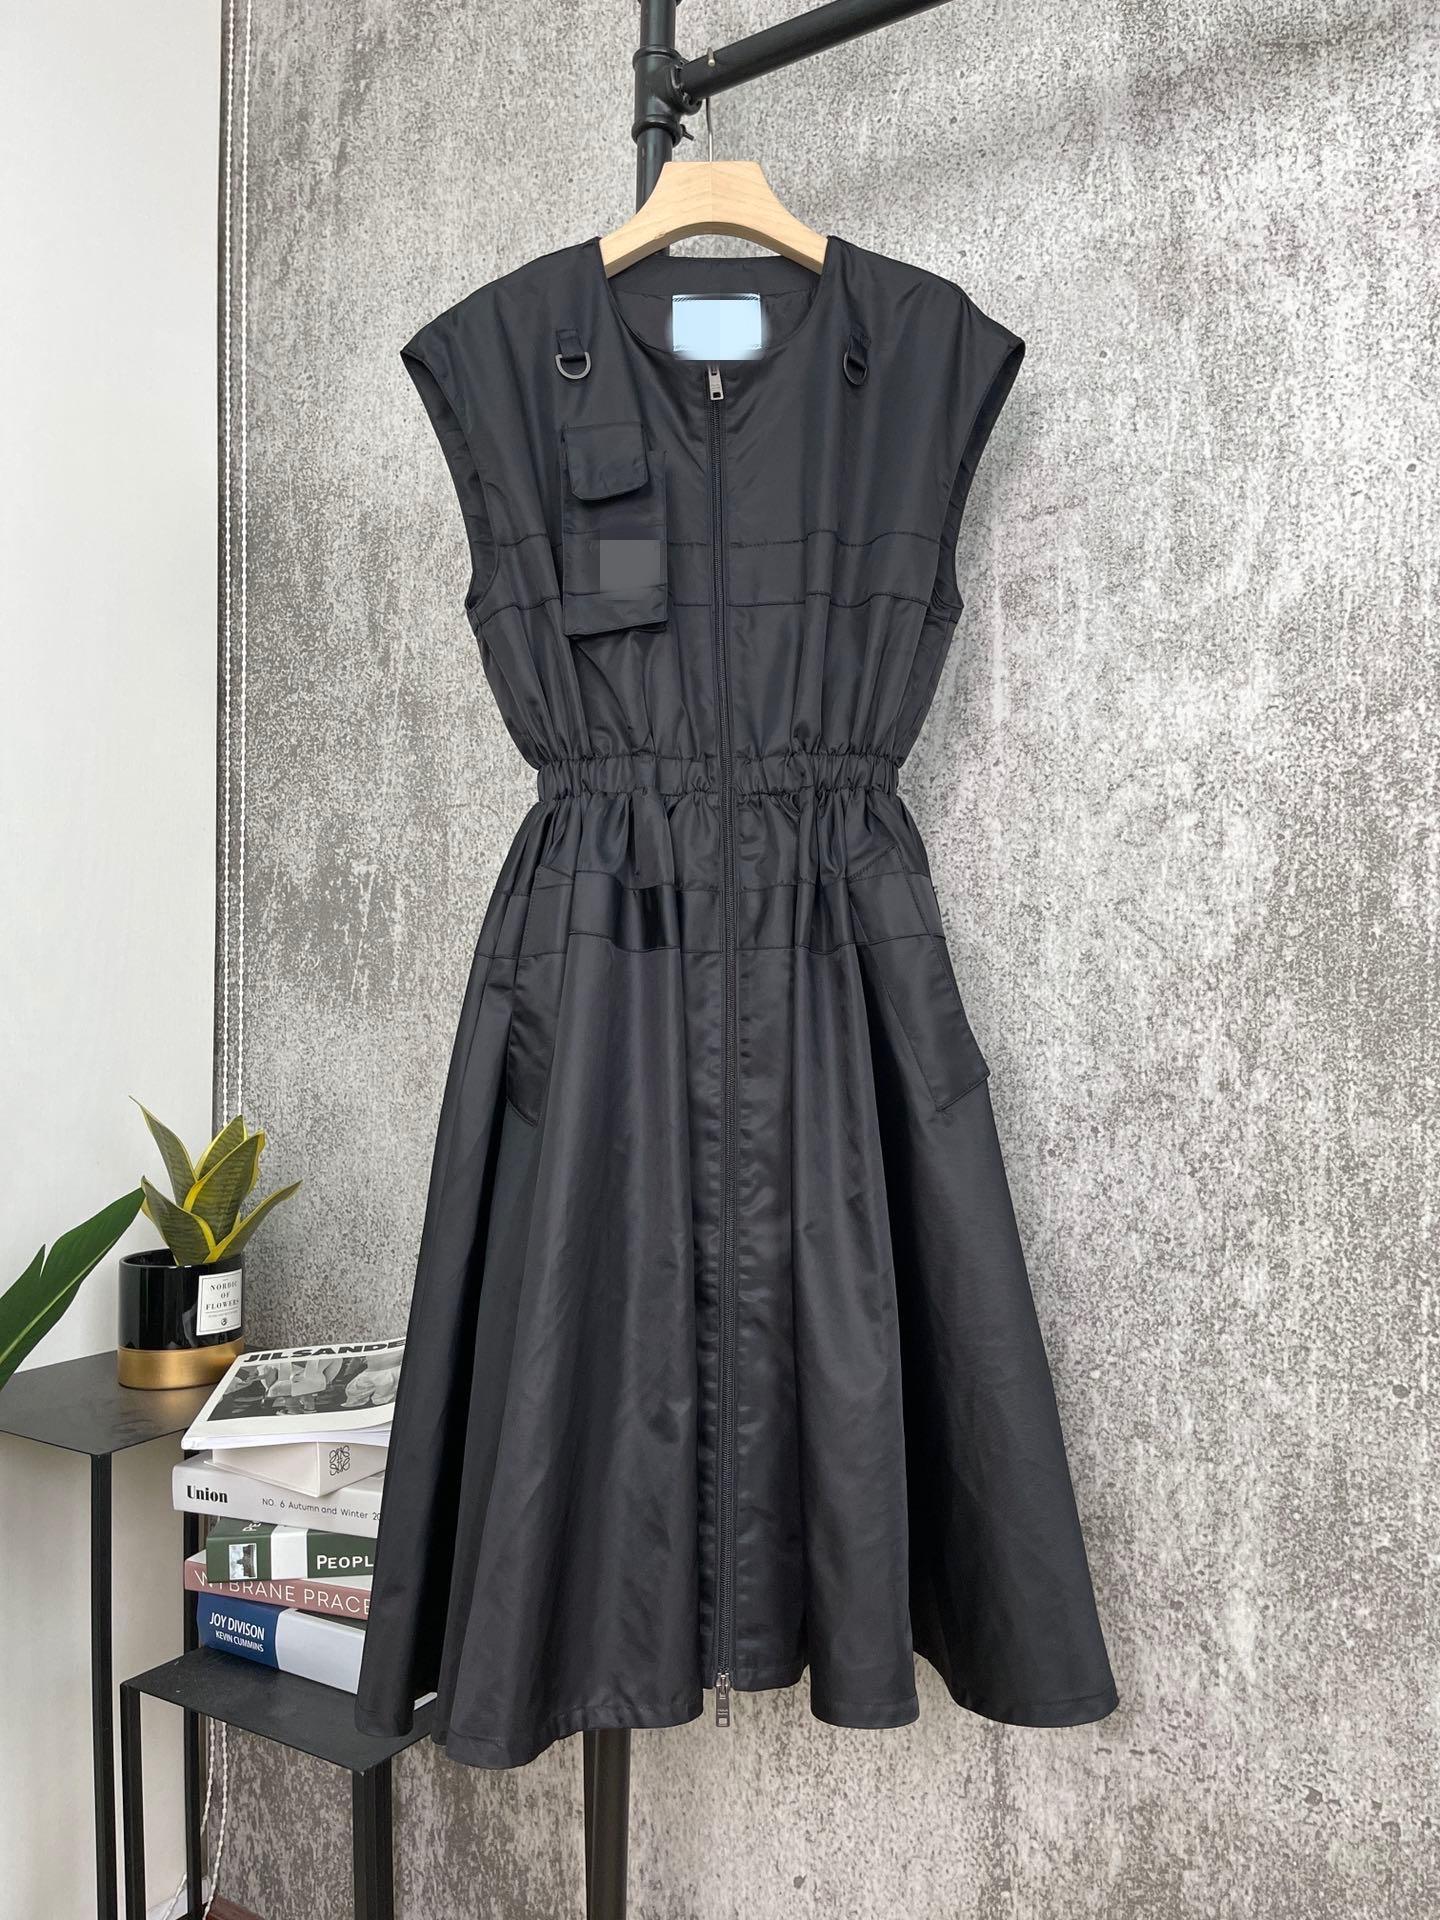 Abiti da sole di Milano 2021 Abito da donna con pannelli estivi Designer Dress Same Style Style Dress Skirt con spallacci 0313-2